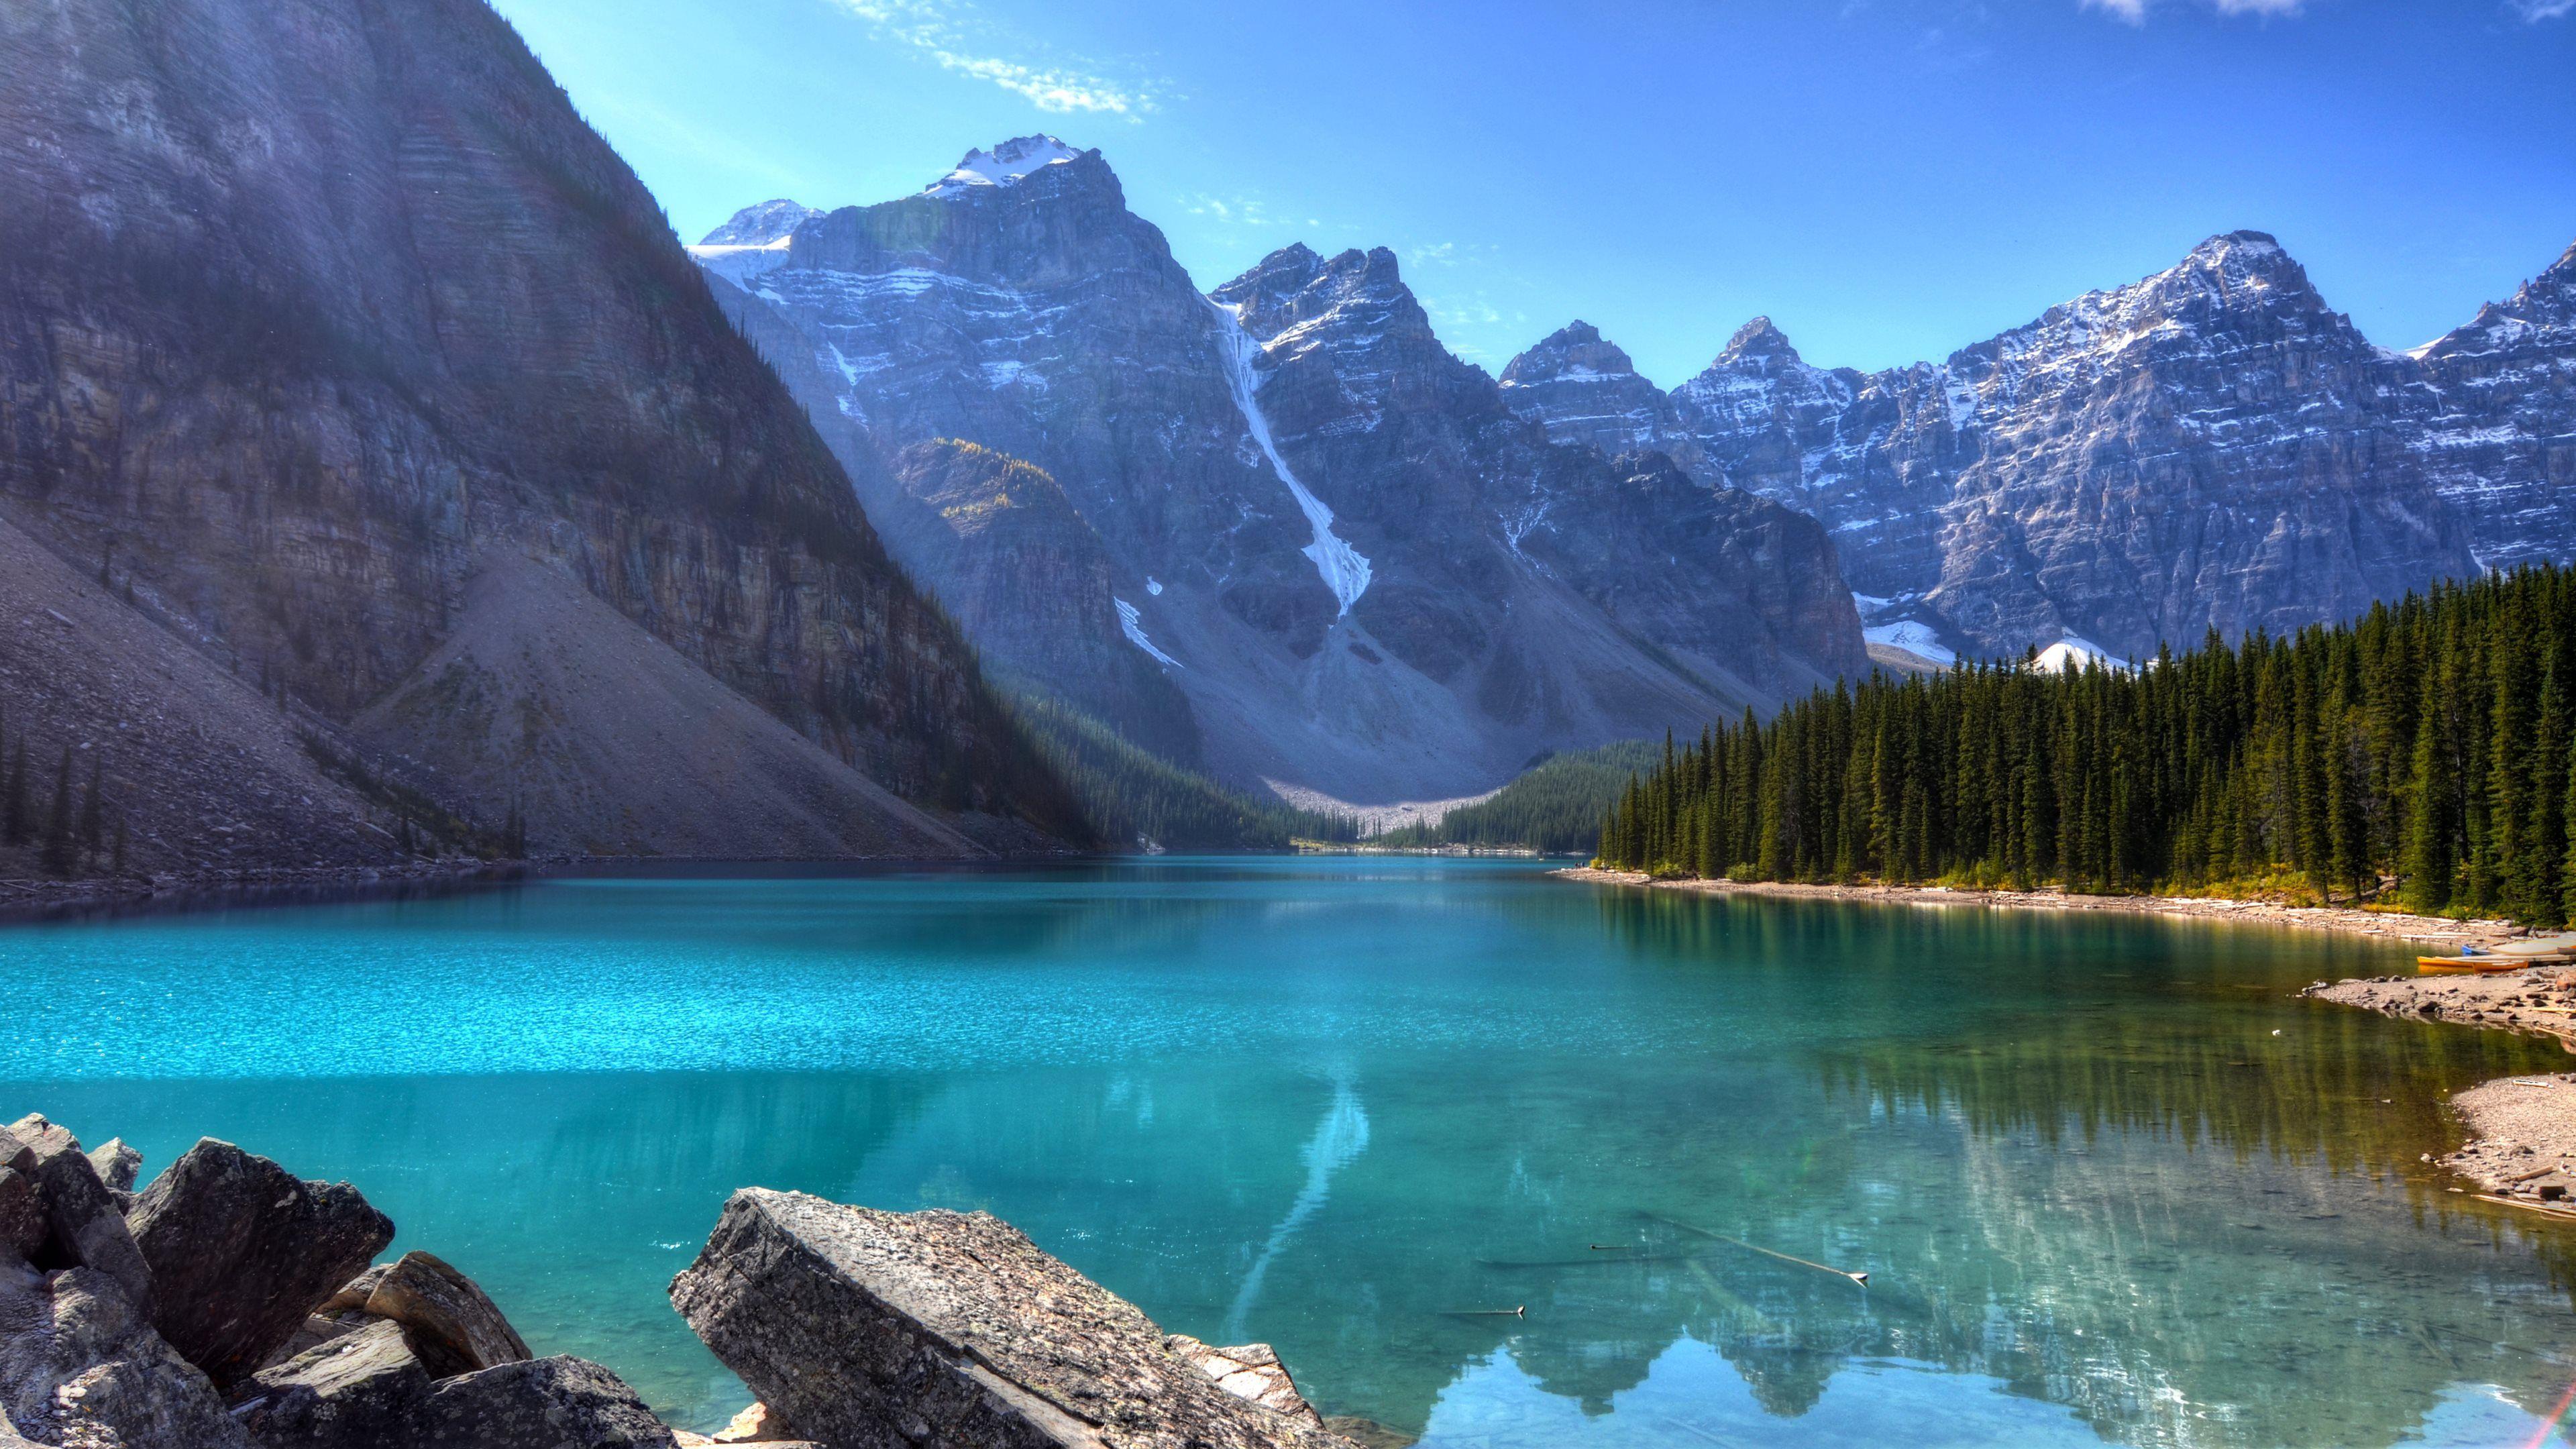 Hình nền phong cảnh thiên nhiên 4K đẹp nhất